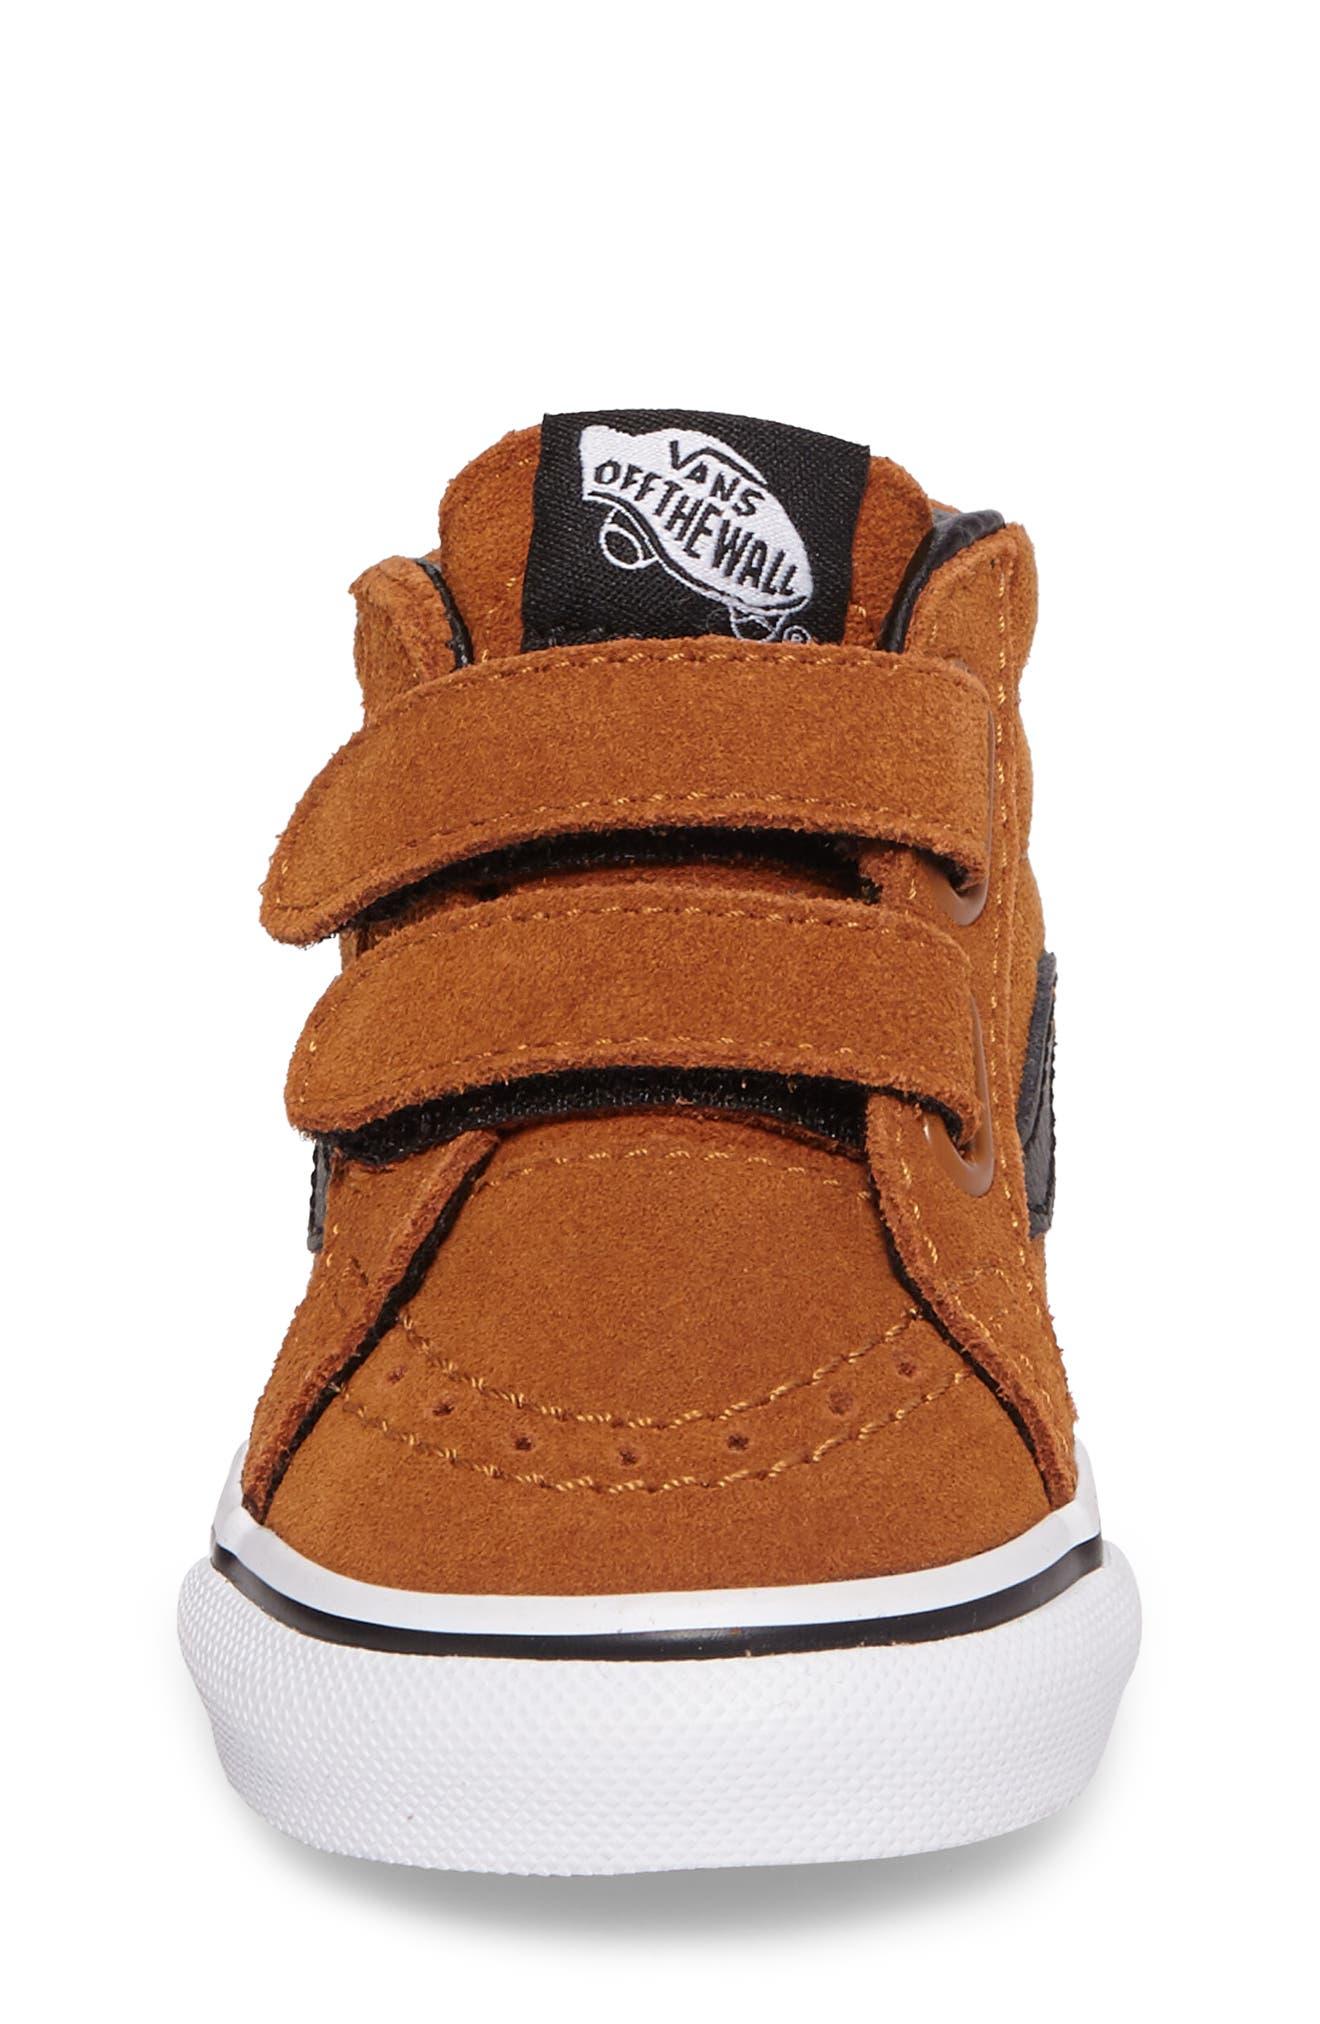 SK8-Mid Reissue Sneaker,                             Alternate thumbnail 4, color,                             Glazed Ginger/ Black